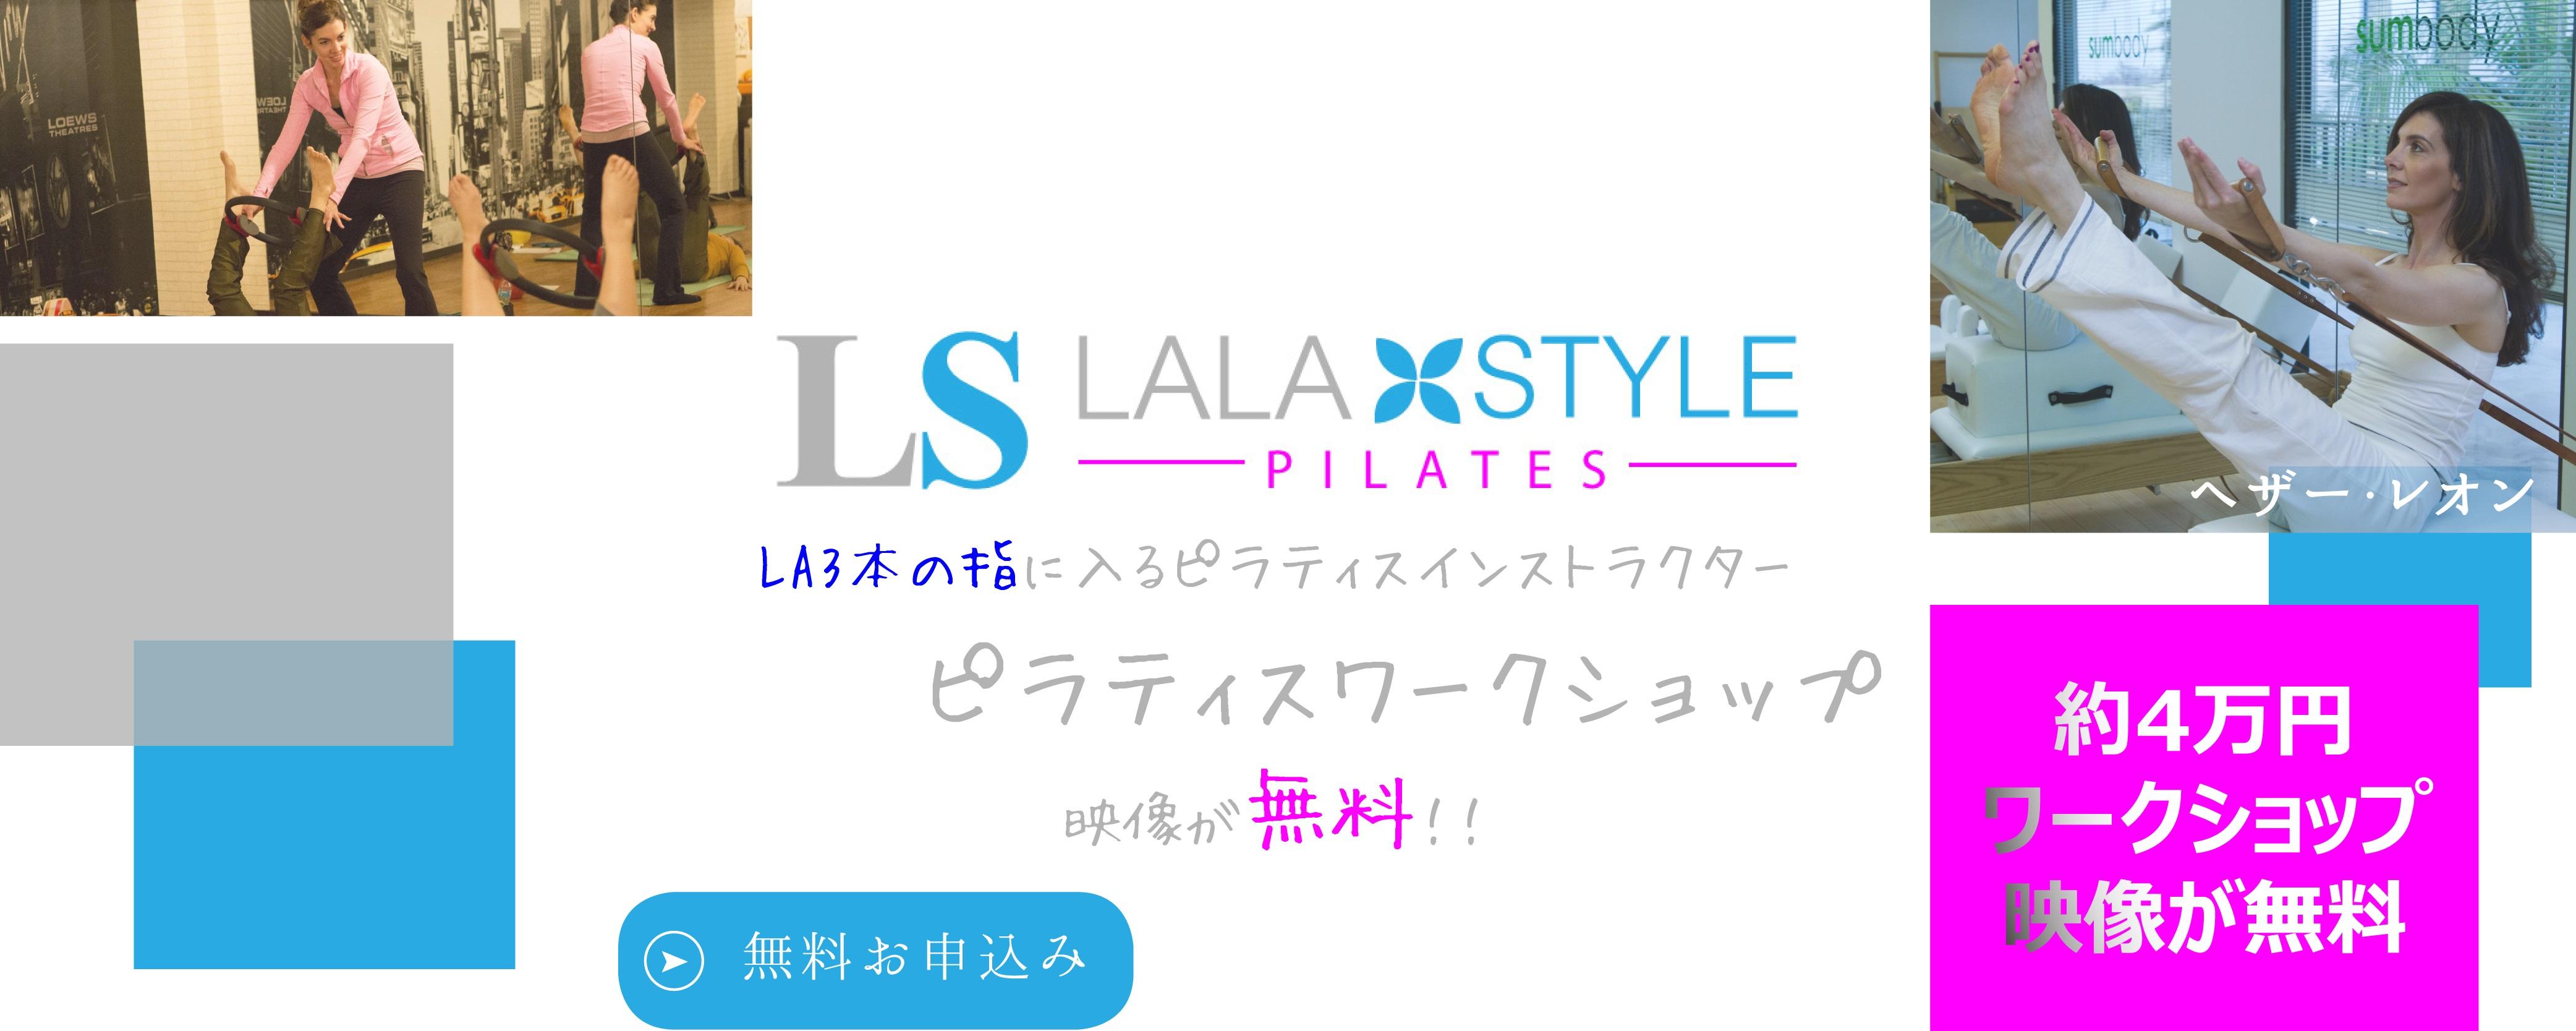 LALA STYLE ピラティスワークショップ無料映像